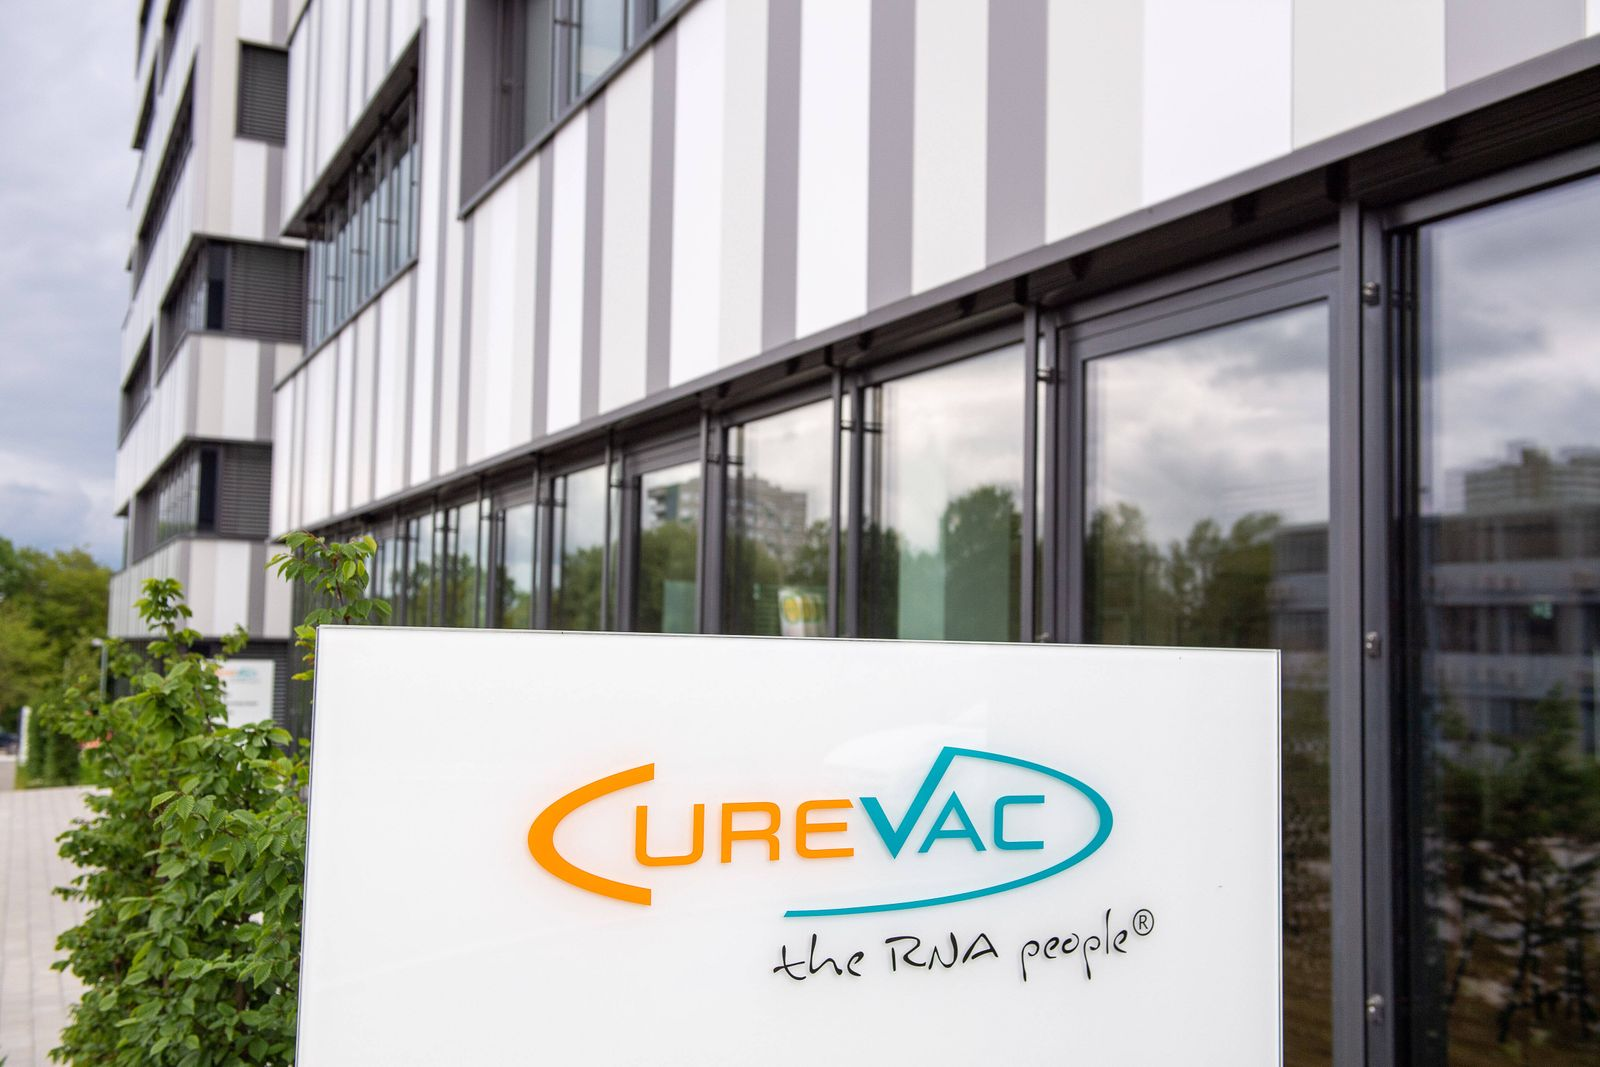 Tuebingen Themenfoto Corona Impfstoff, Bund investiert in Curevac, Impfstoffentwickler Curevac, 15.06.20 Firmenschild C